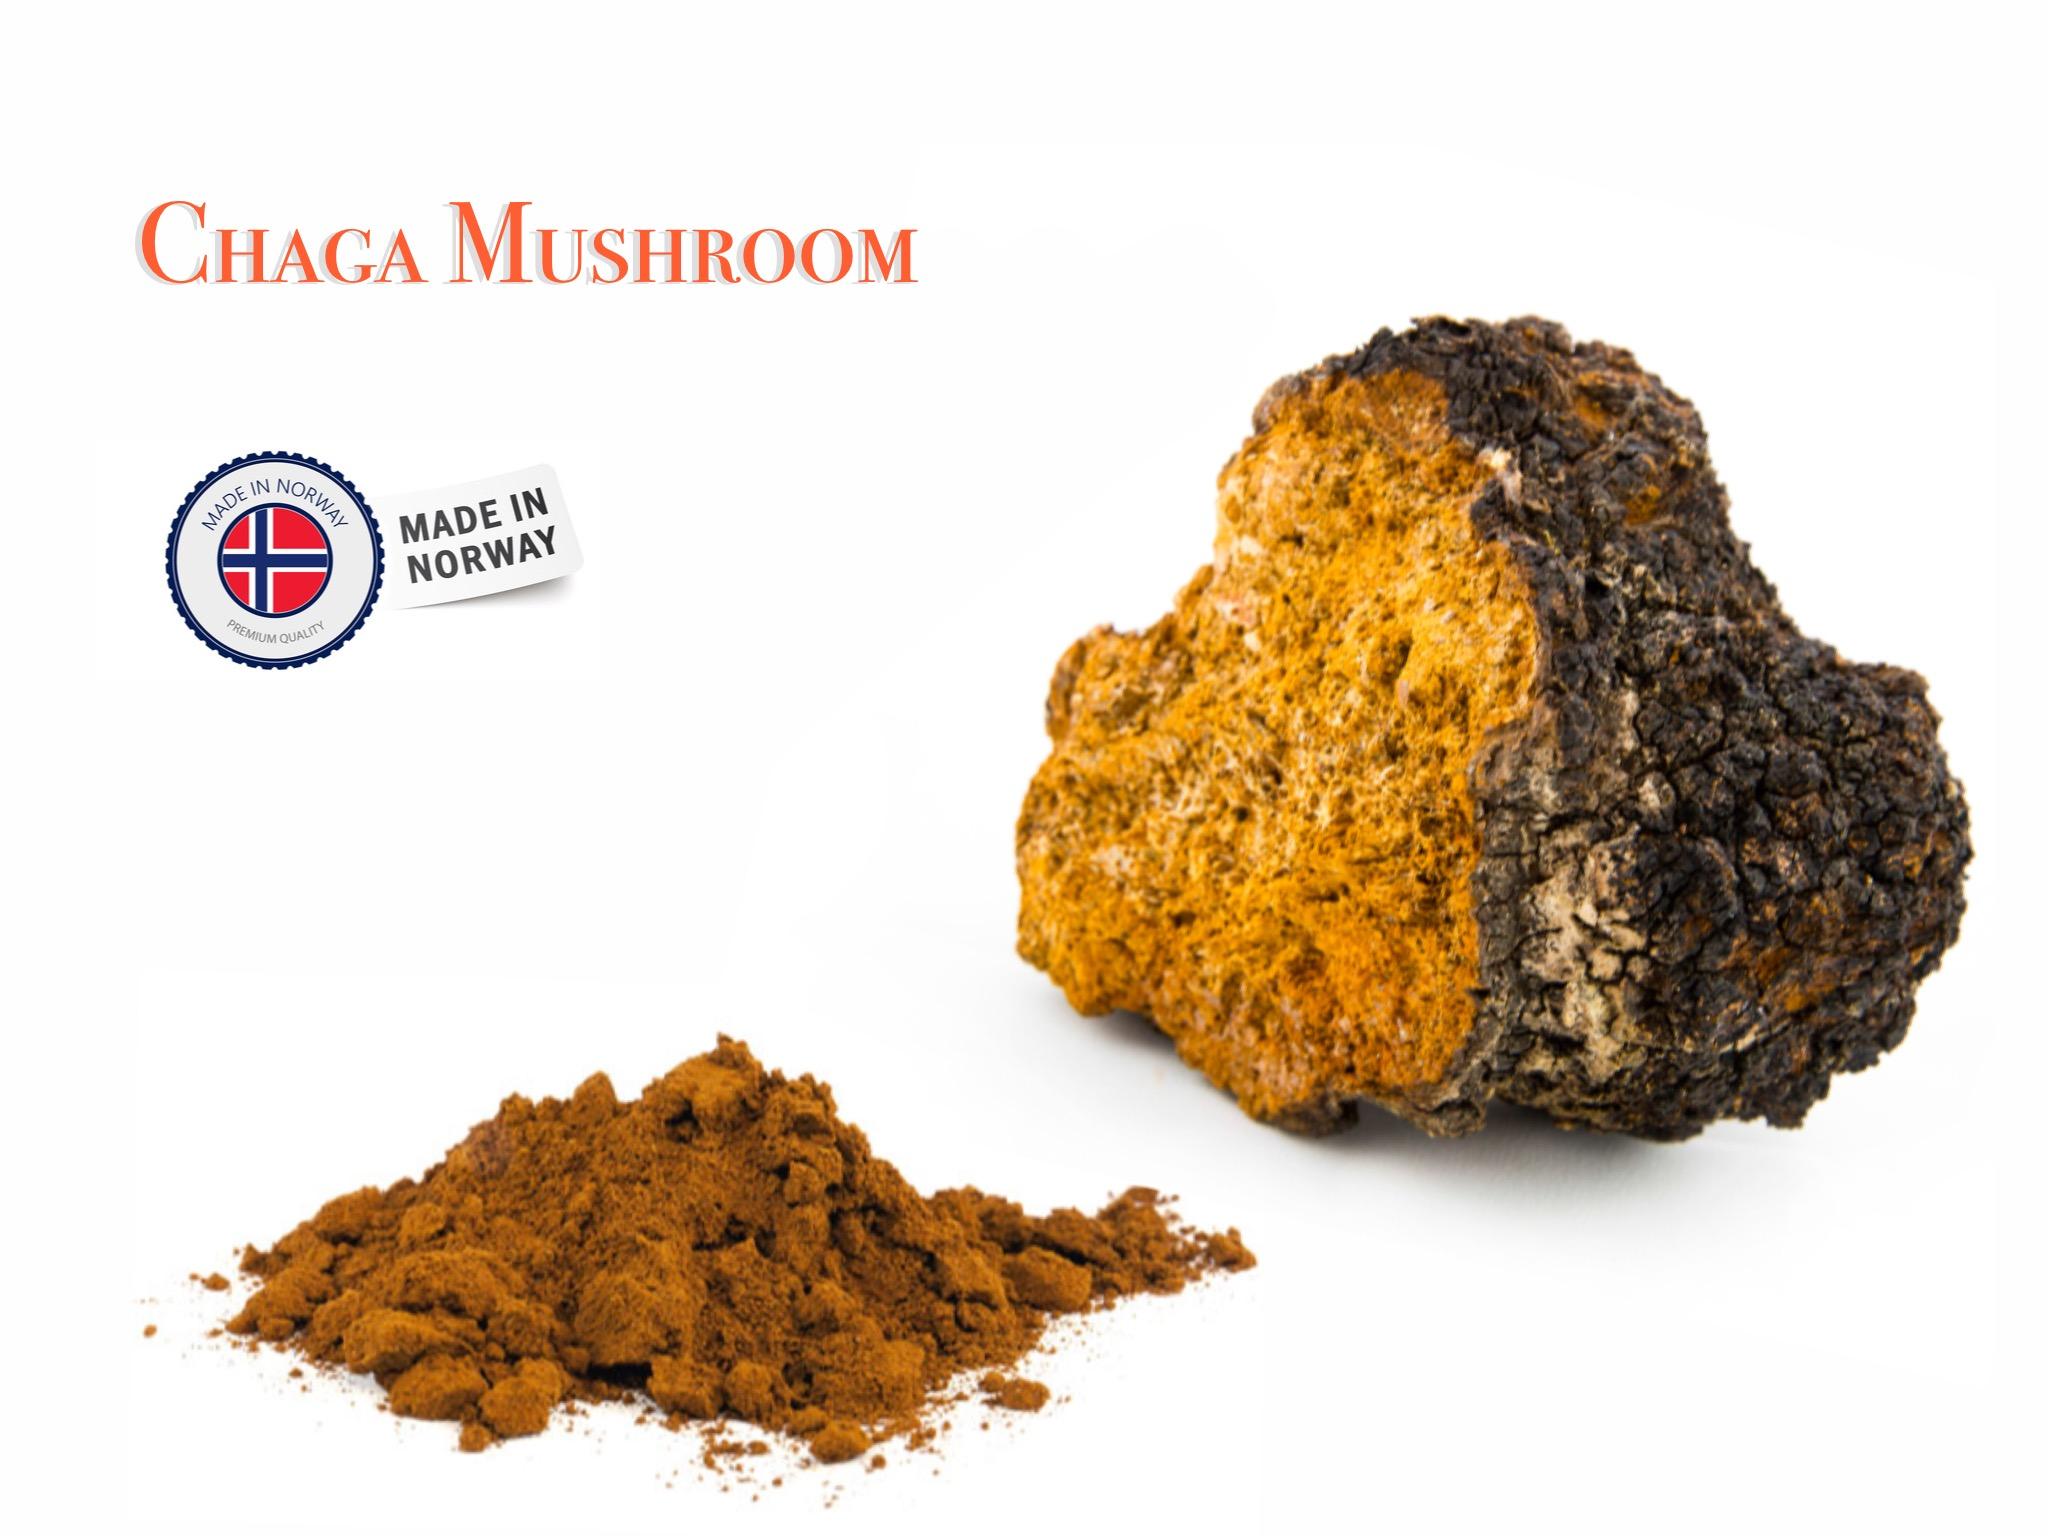 Chaga mushroom Image